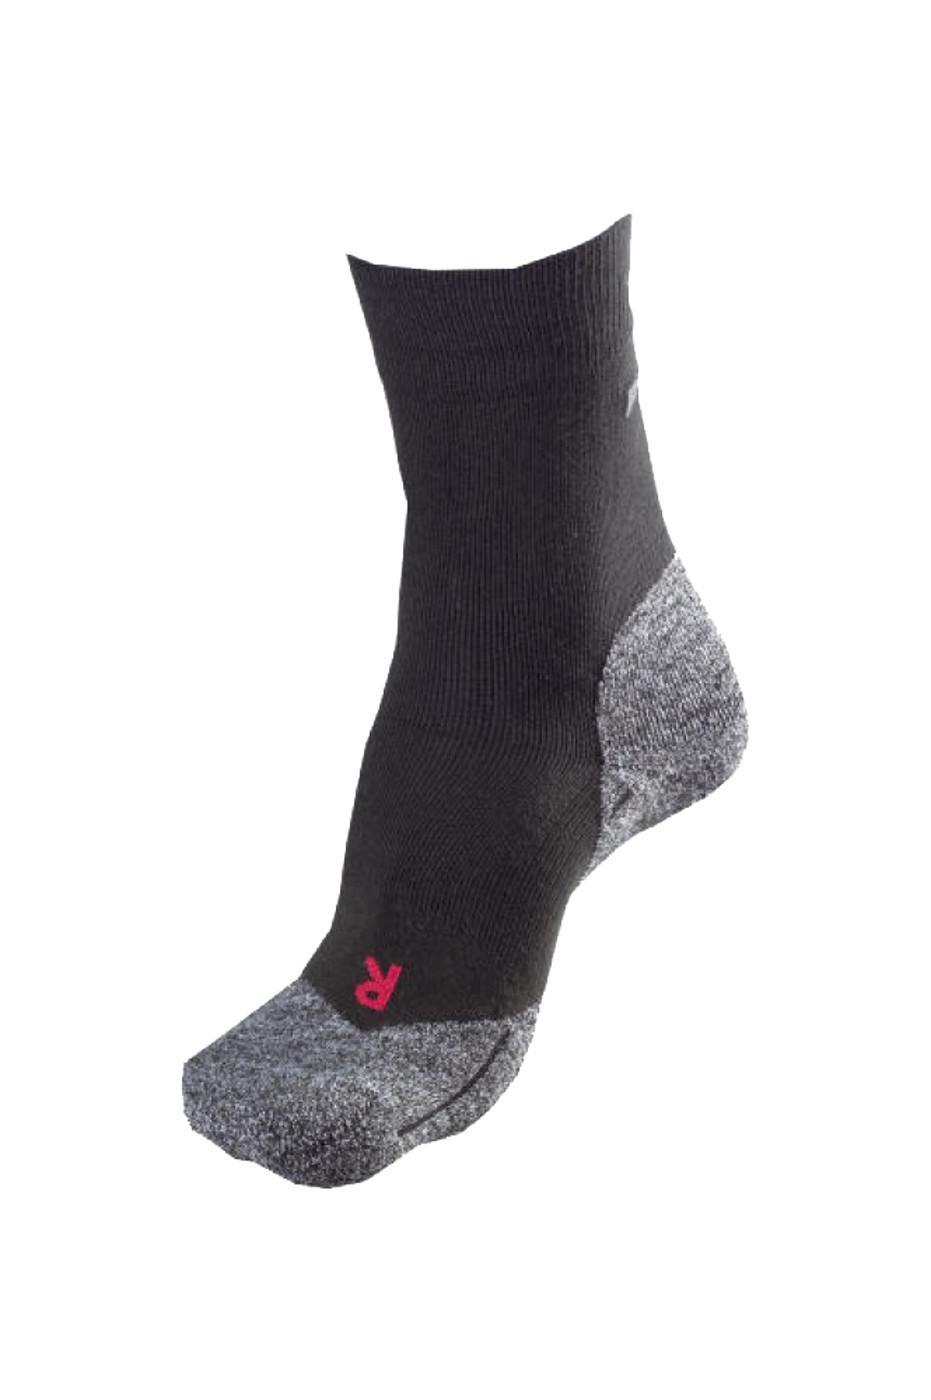 FALKE Socken RU3 - Damen